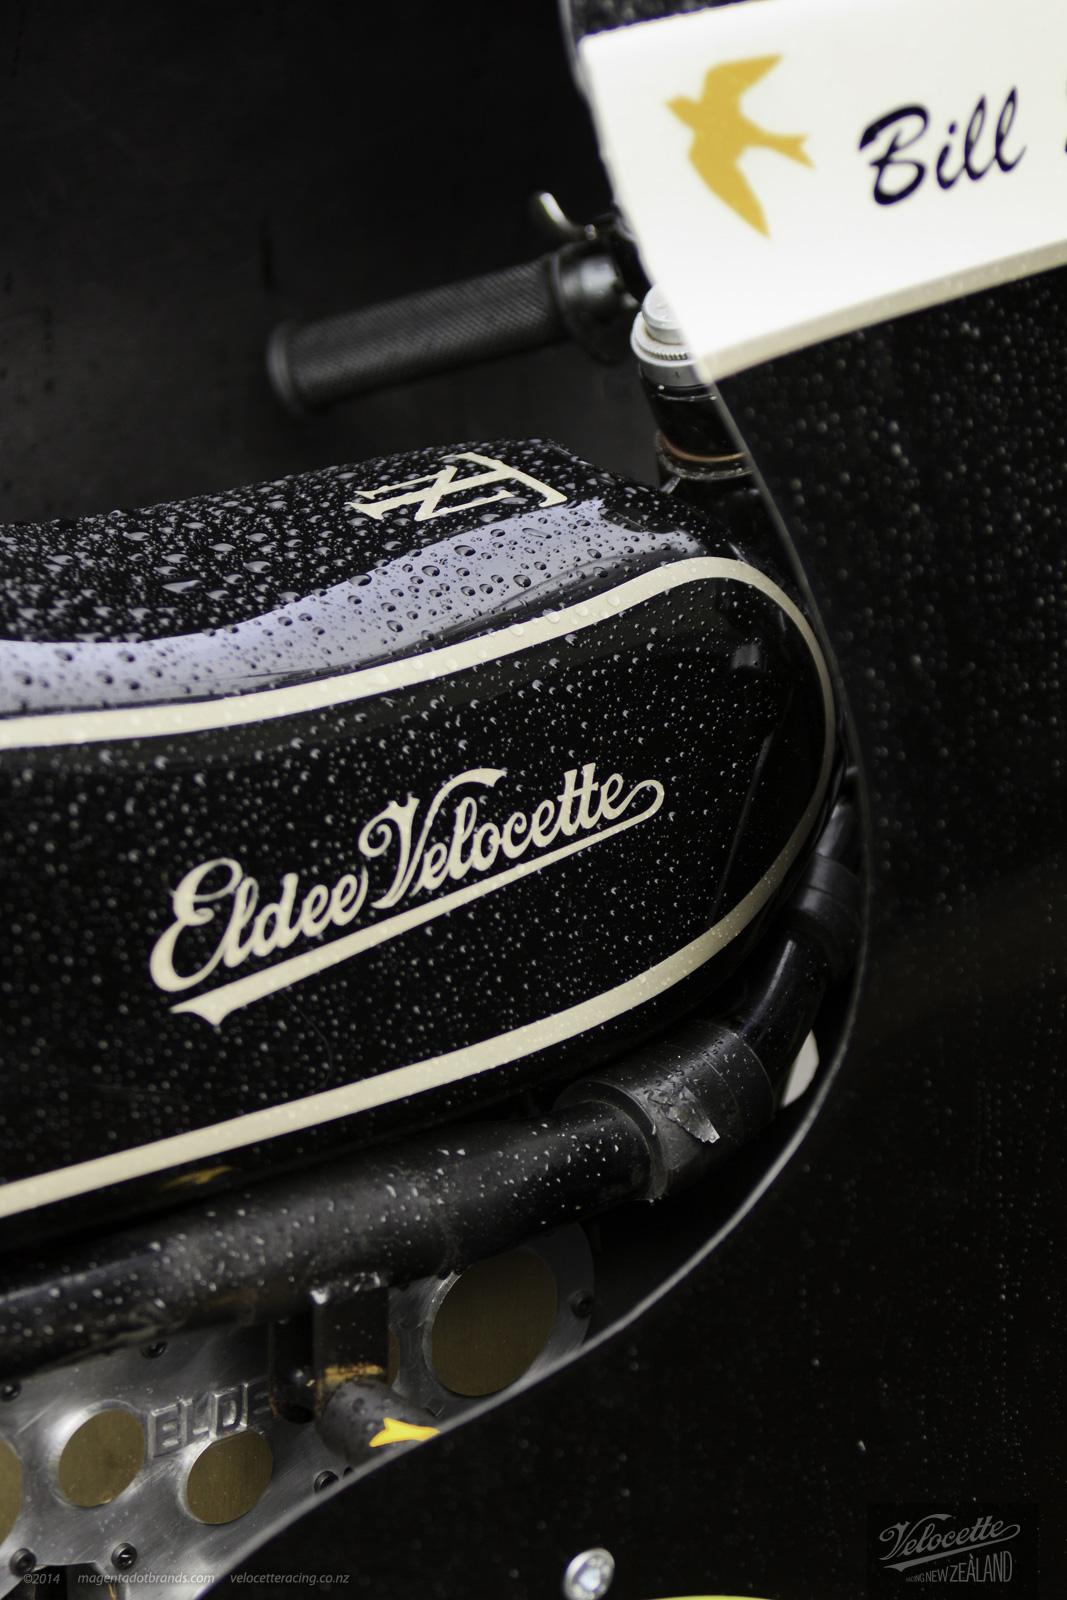 Eldee Velocette logo detail on carbon fibre tank